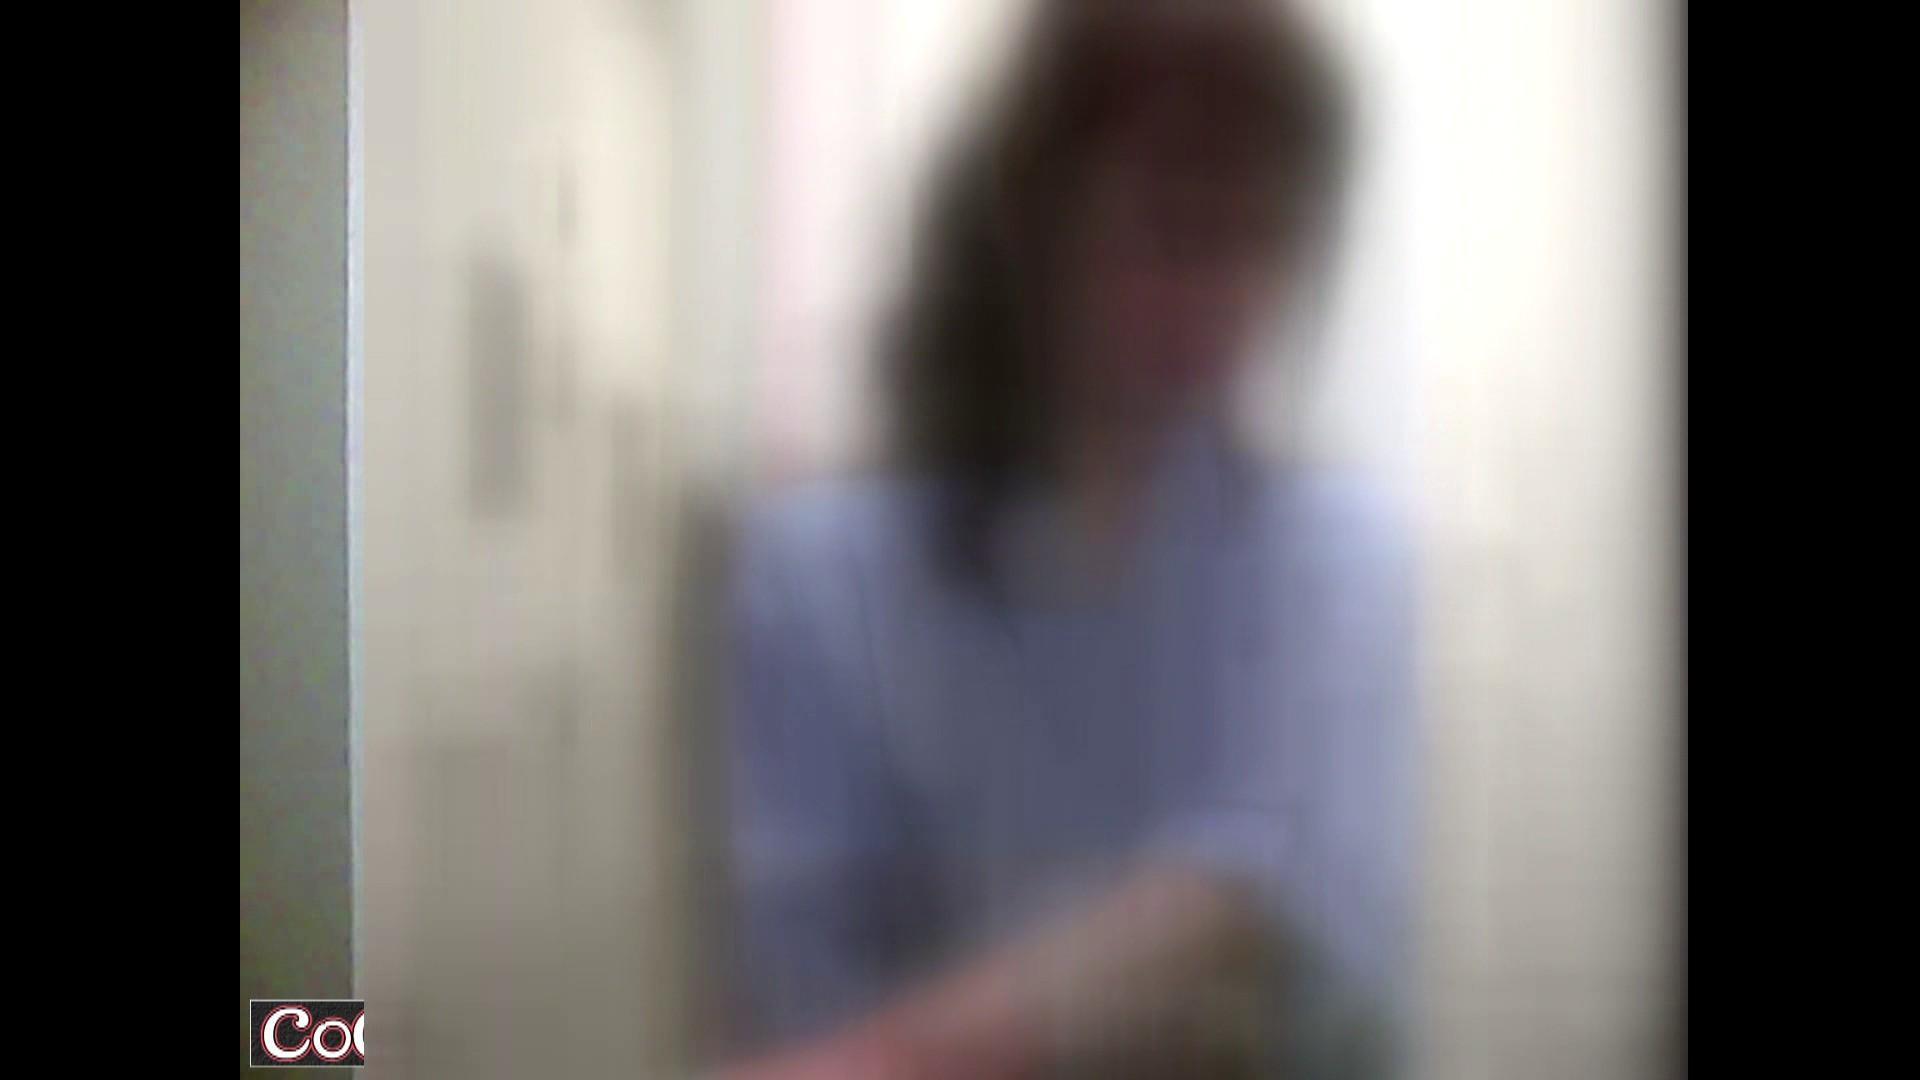 病院おもいっきり着替え! vol.23 貧乳 SEX無修正画像 51pic 20